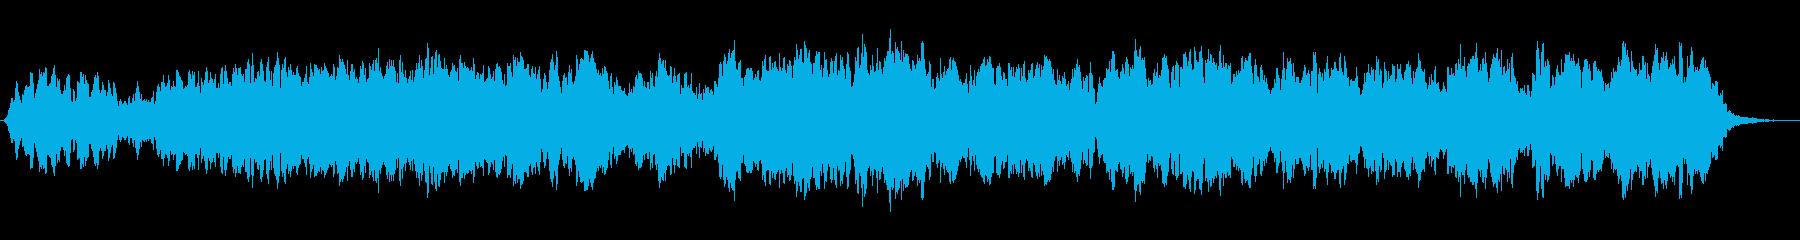 心から癒される曲を作ってみました。の再生済みの波形